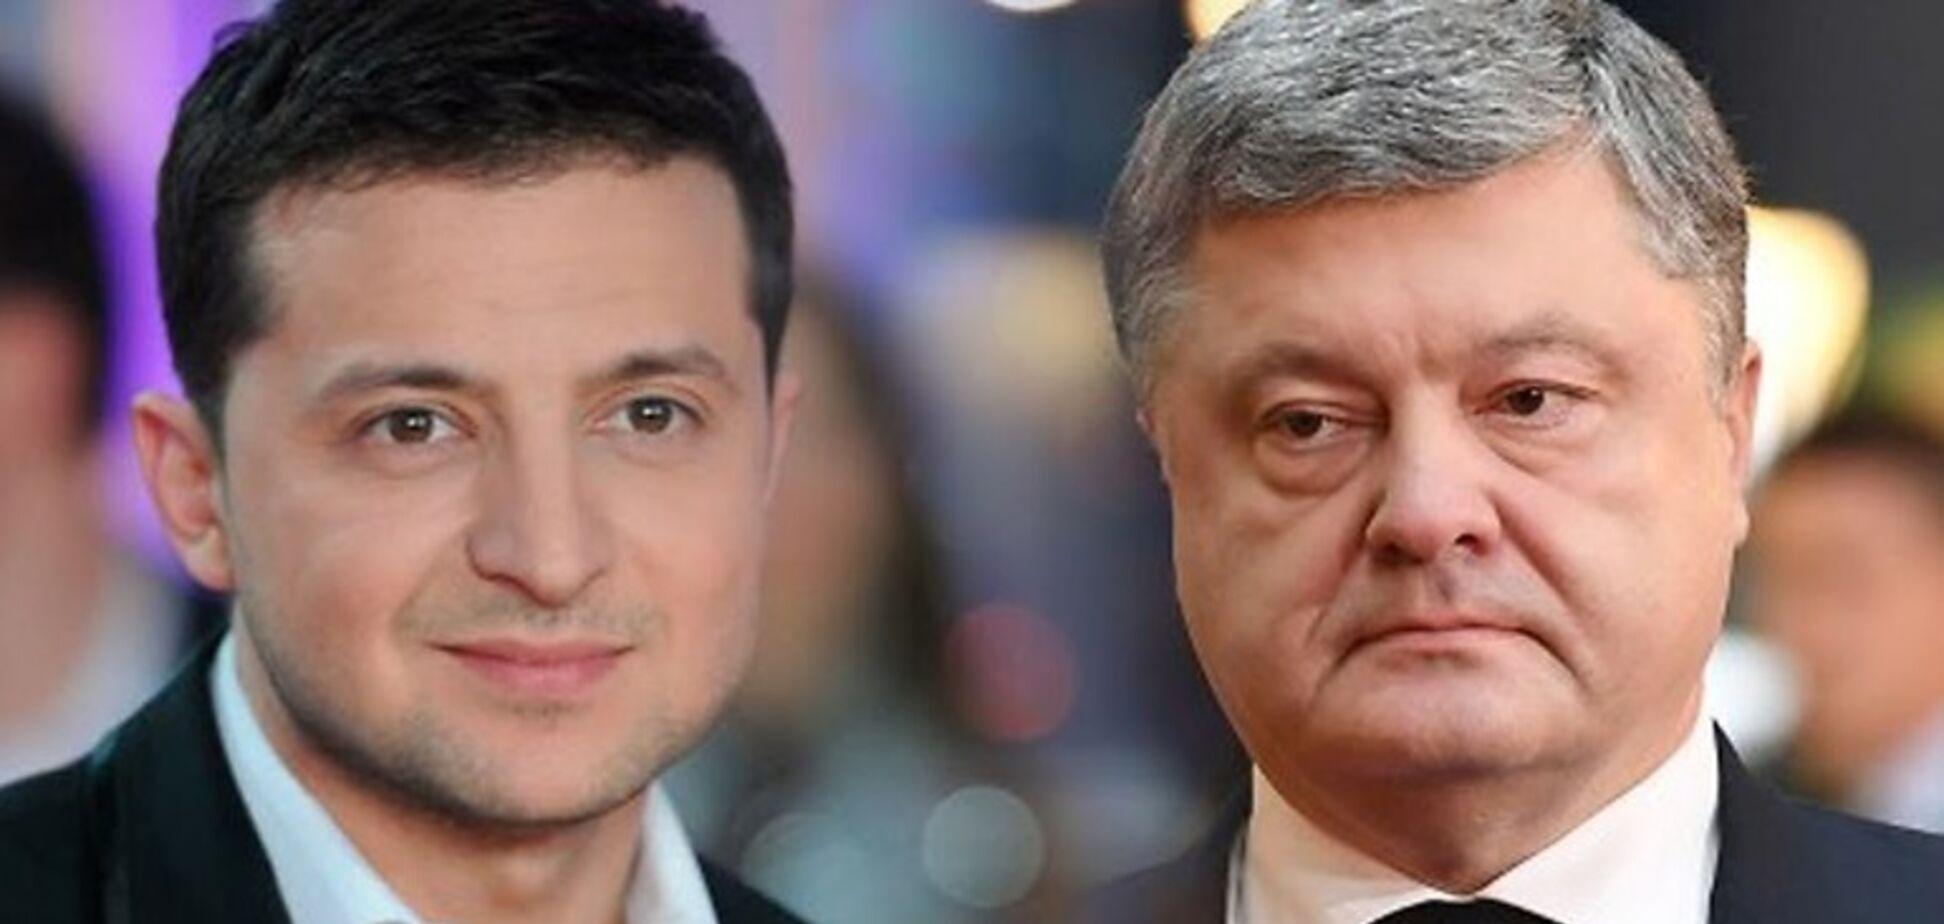 Результати виборів показали, що адмінресурс в Україні вже не працює – Золотарьов